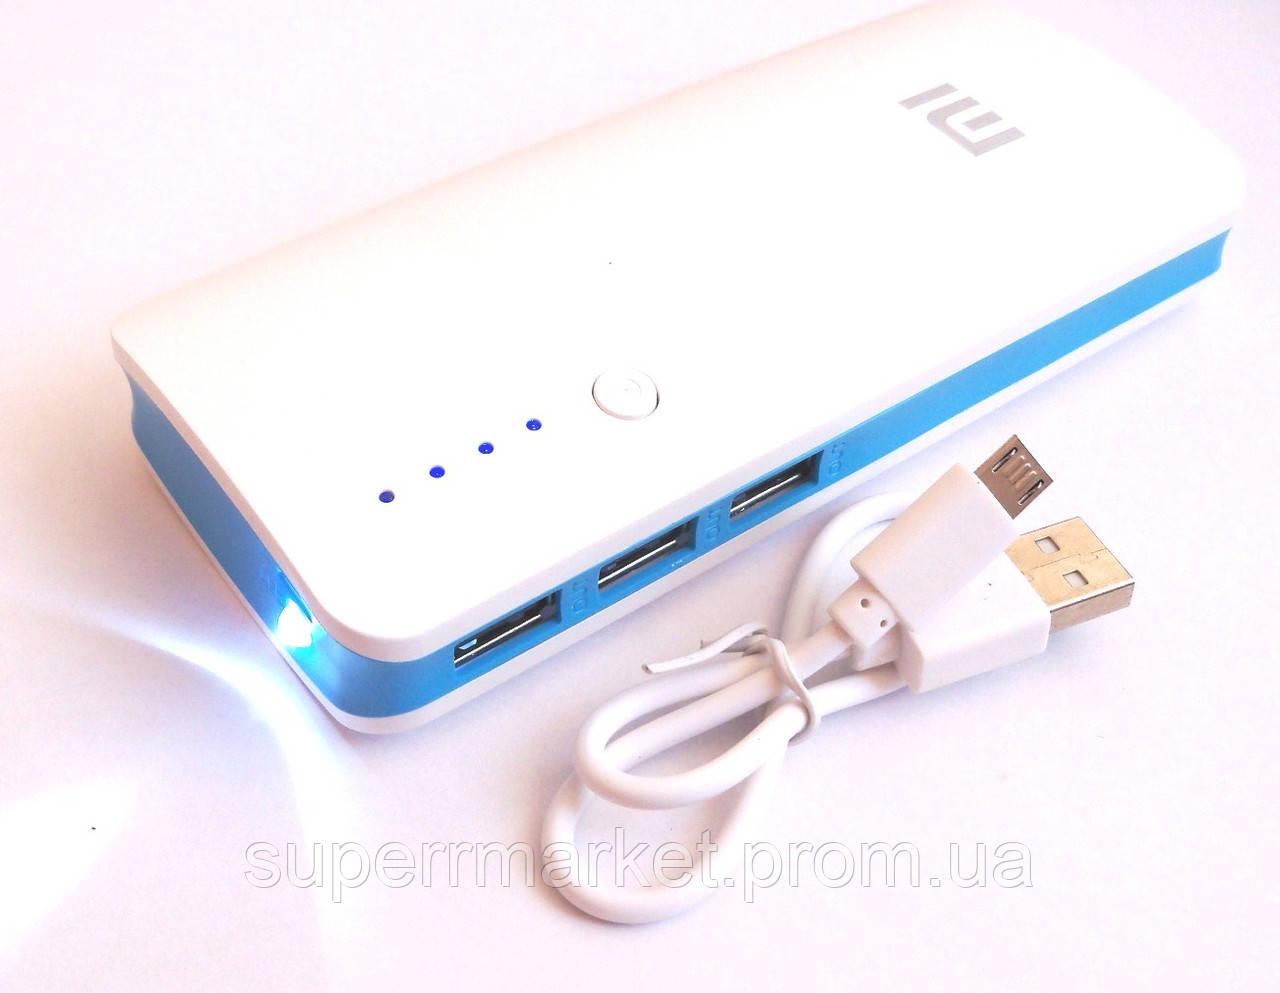 Универсальная батарея - Xiaomi power bank 16800 mAh new3